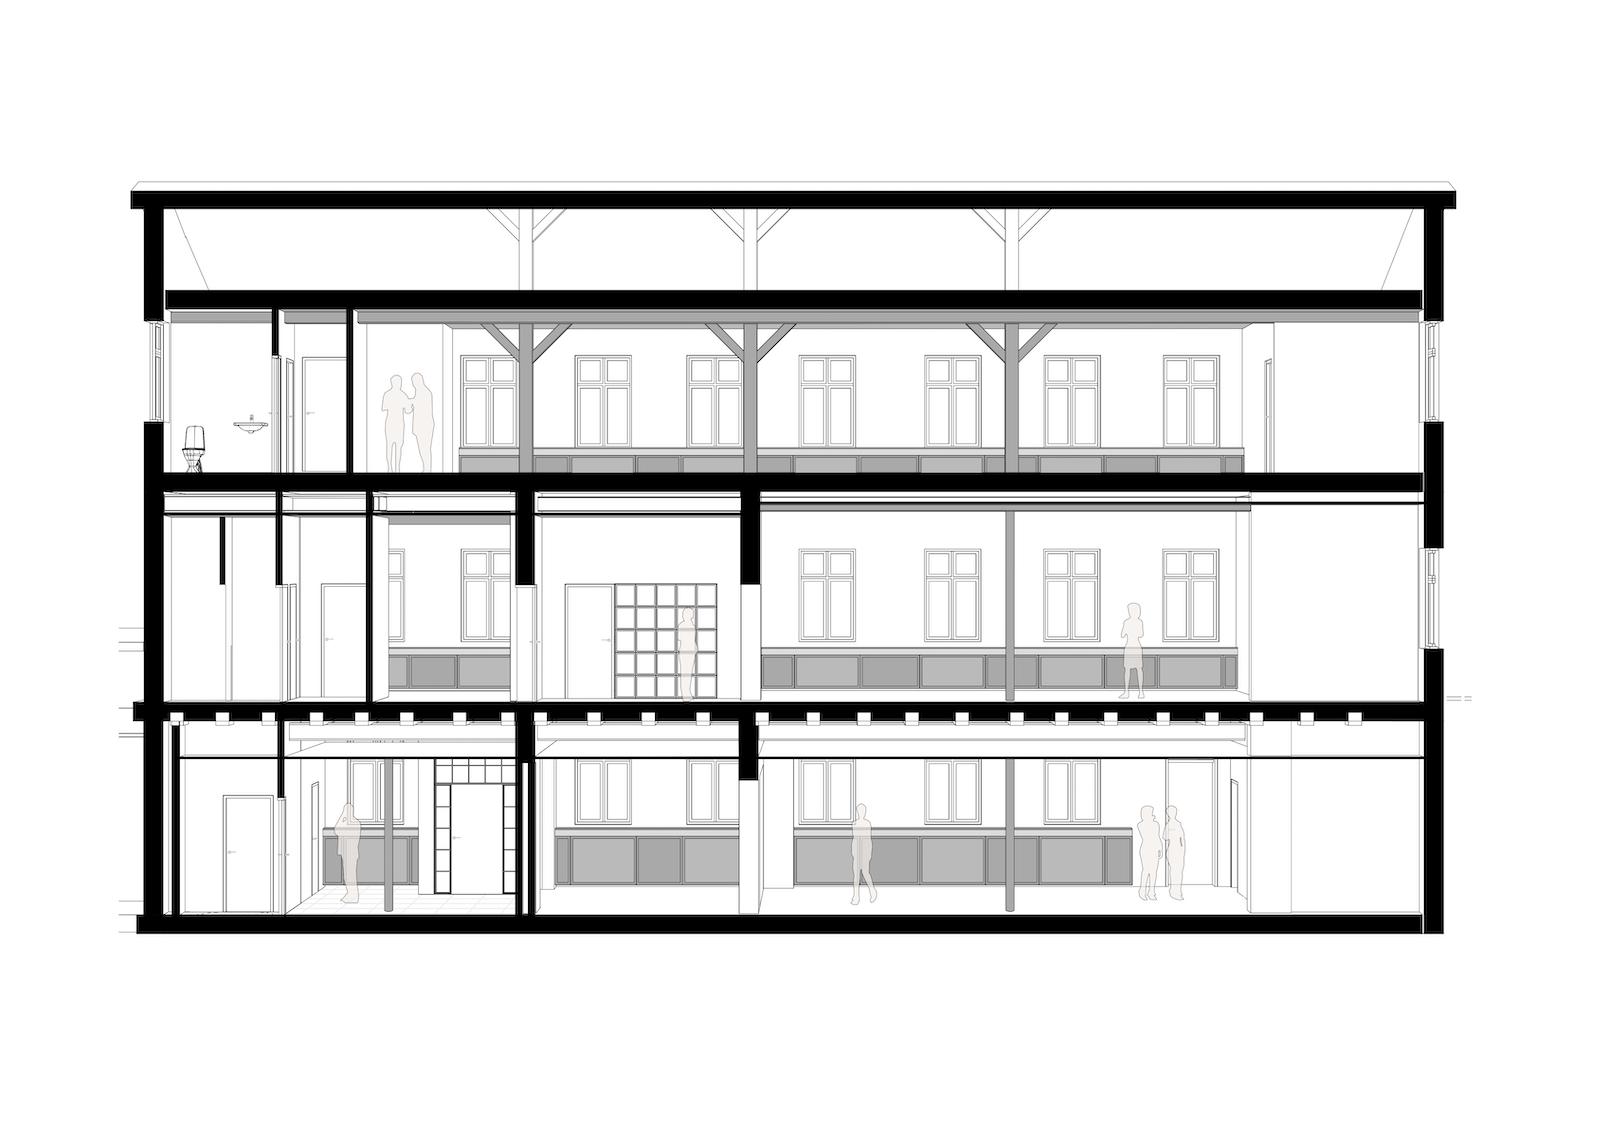 Ombygning af industribygninger til kontorer: Dortheavej 10 og 12 (tegning: Snit F)